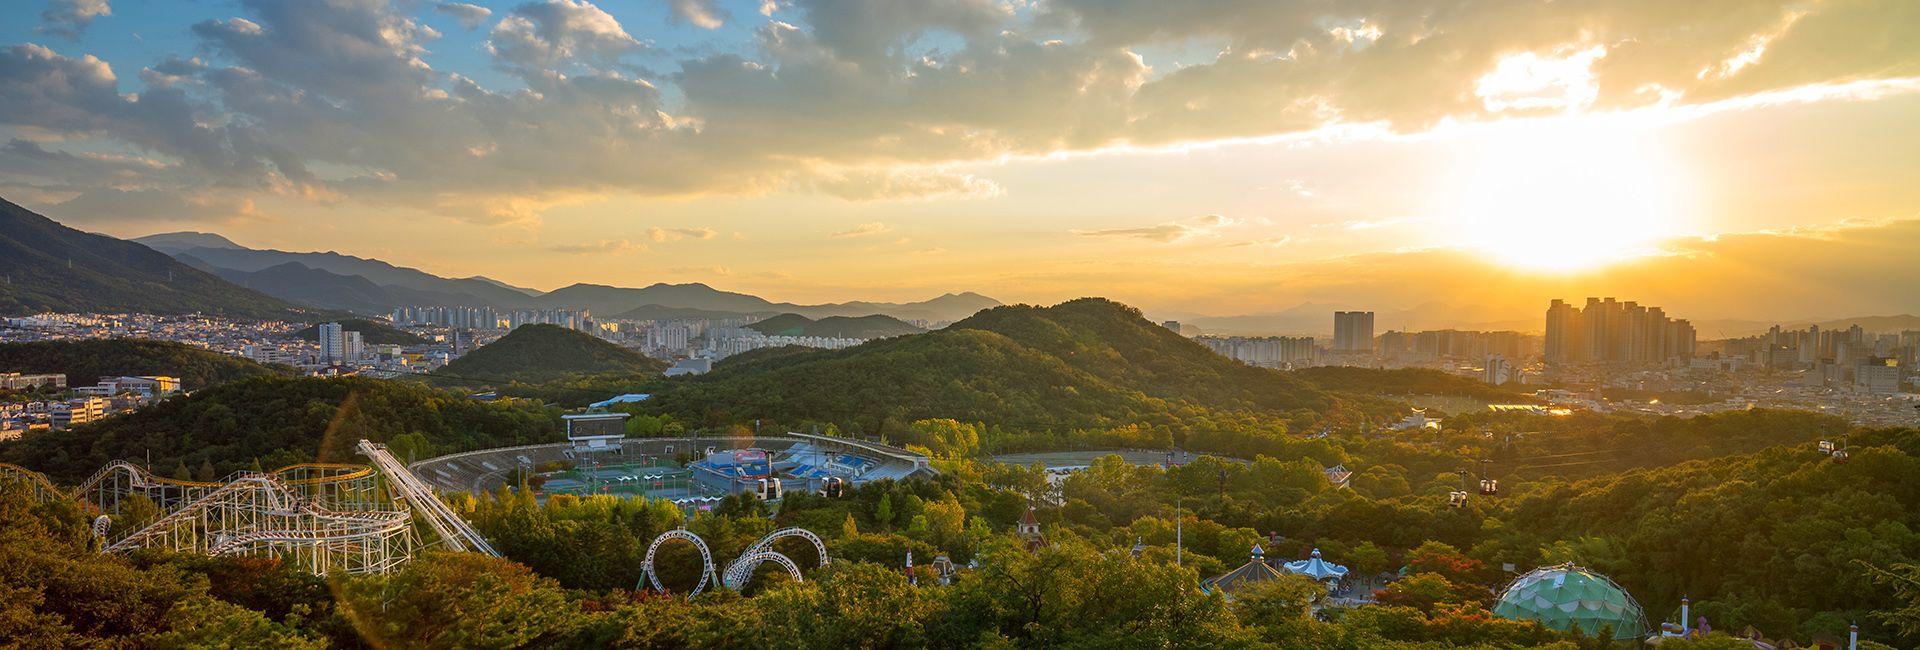 48 giờ khám phá Daegu, Hàn Quốc - Lịch trình chi tiết